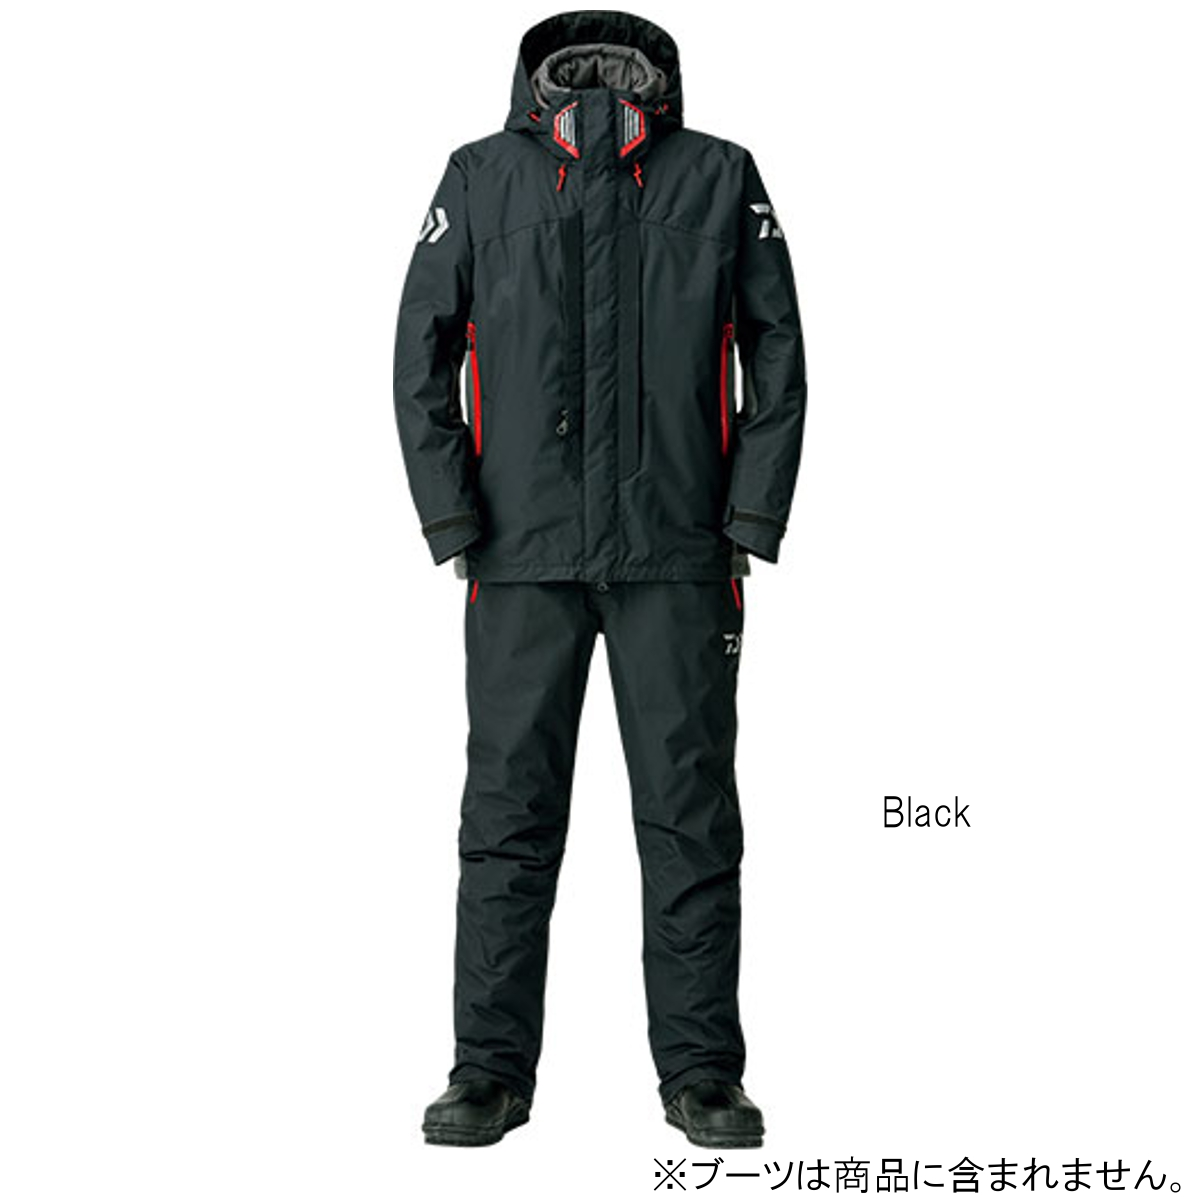 ダイワ レインマックス ハイパー ハイロフト コンビアップ ウィンタースーツ DW-3408 M Black【送料無料】